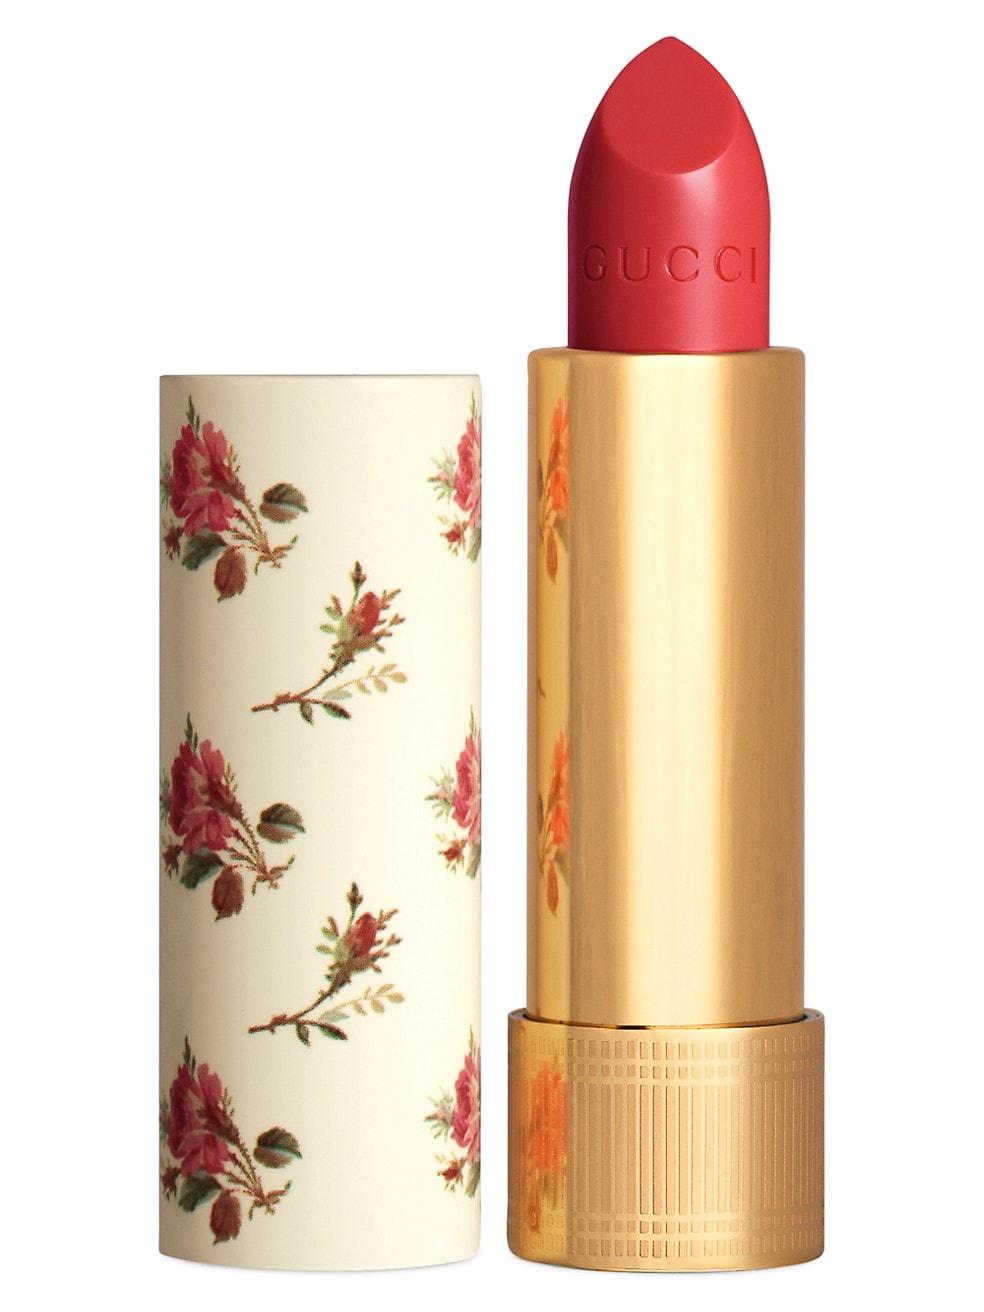 Gucci Rouge a Levres Voile Lipstick